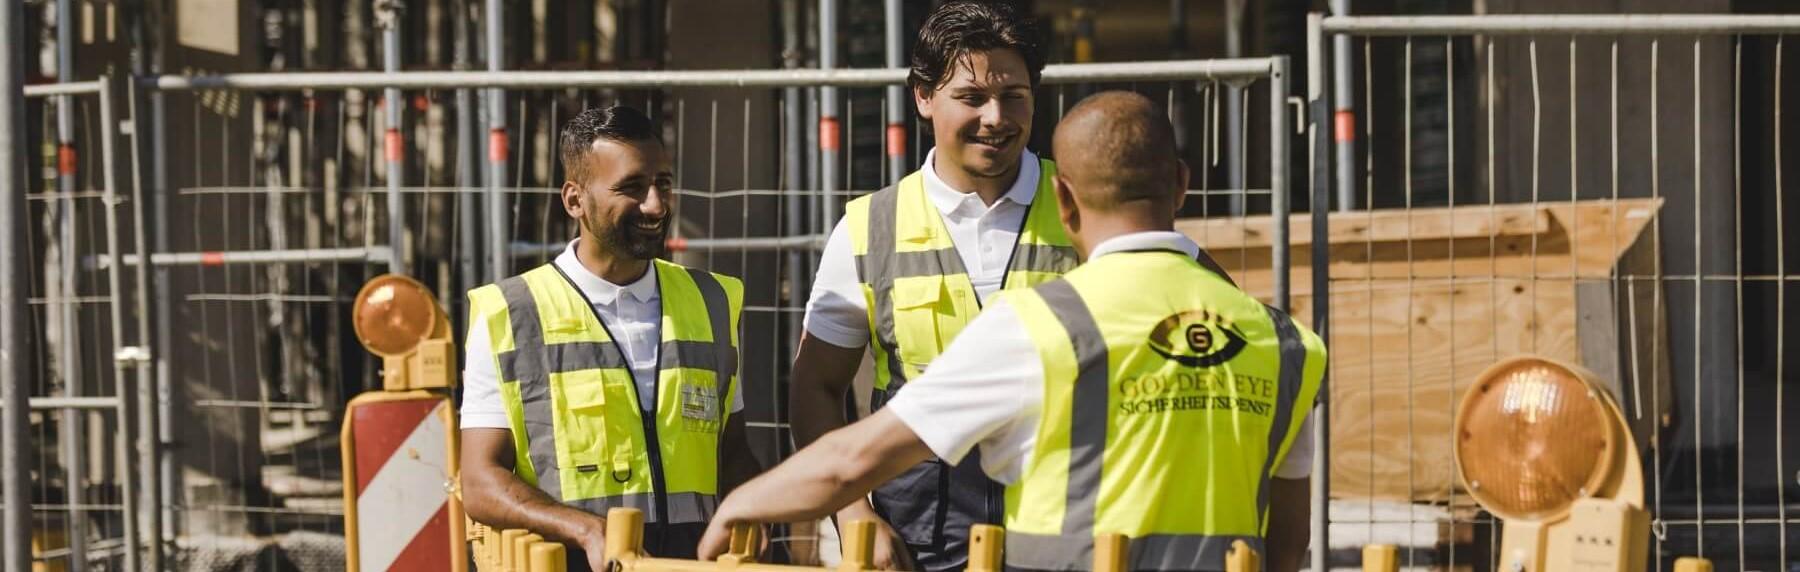 Sicherheitsdienst Baunatal